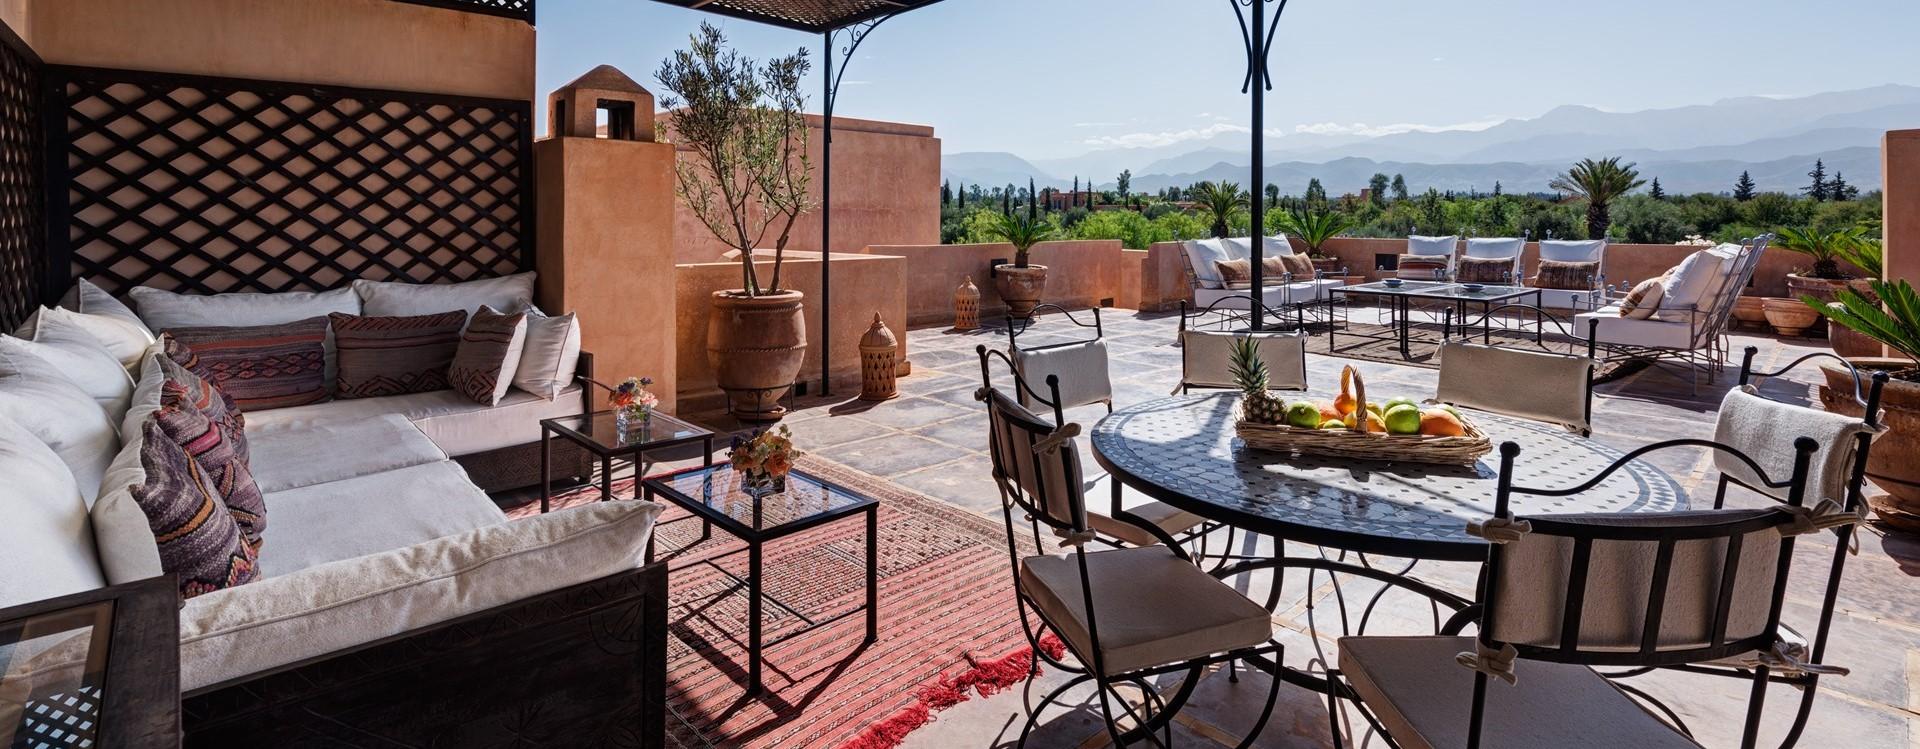 dar-yasmina-5-bed-villa-marrakech